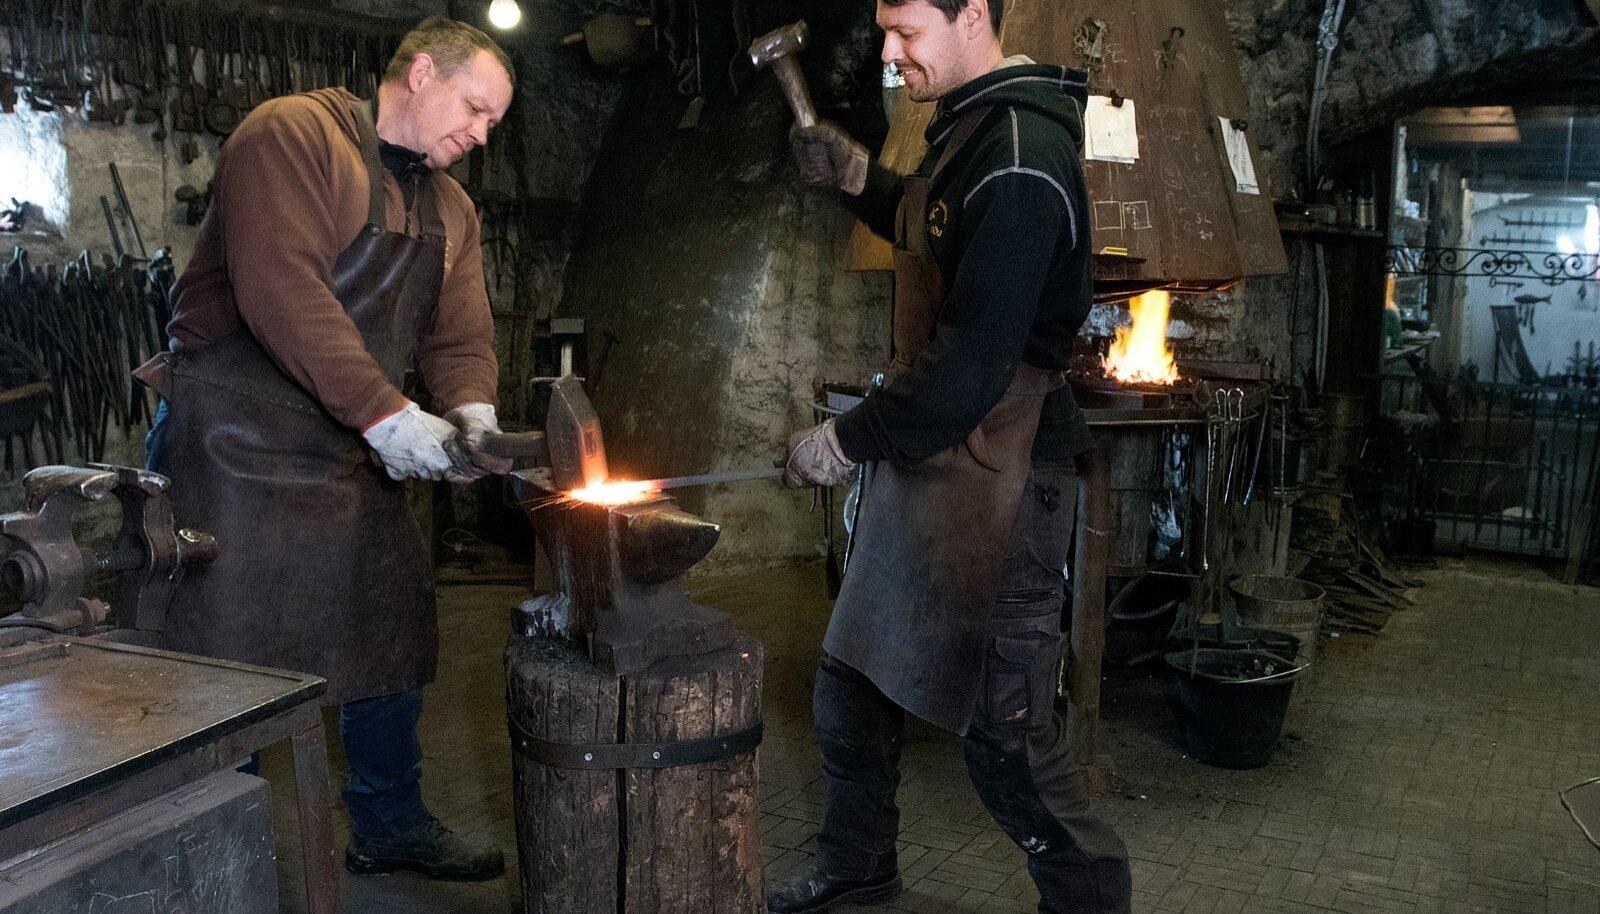 Puraviku tuuleveski sepad Harri Riim (vasakul) ja Lauri Laiapea võtavad oma ettevõtmist südamega – kuni süda kuum, ei jahtu ka raud.